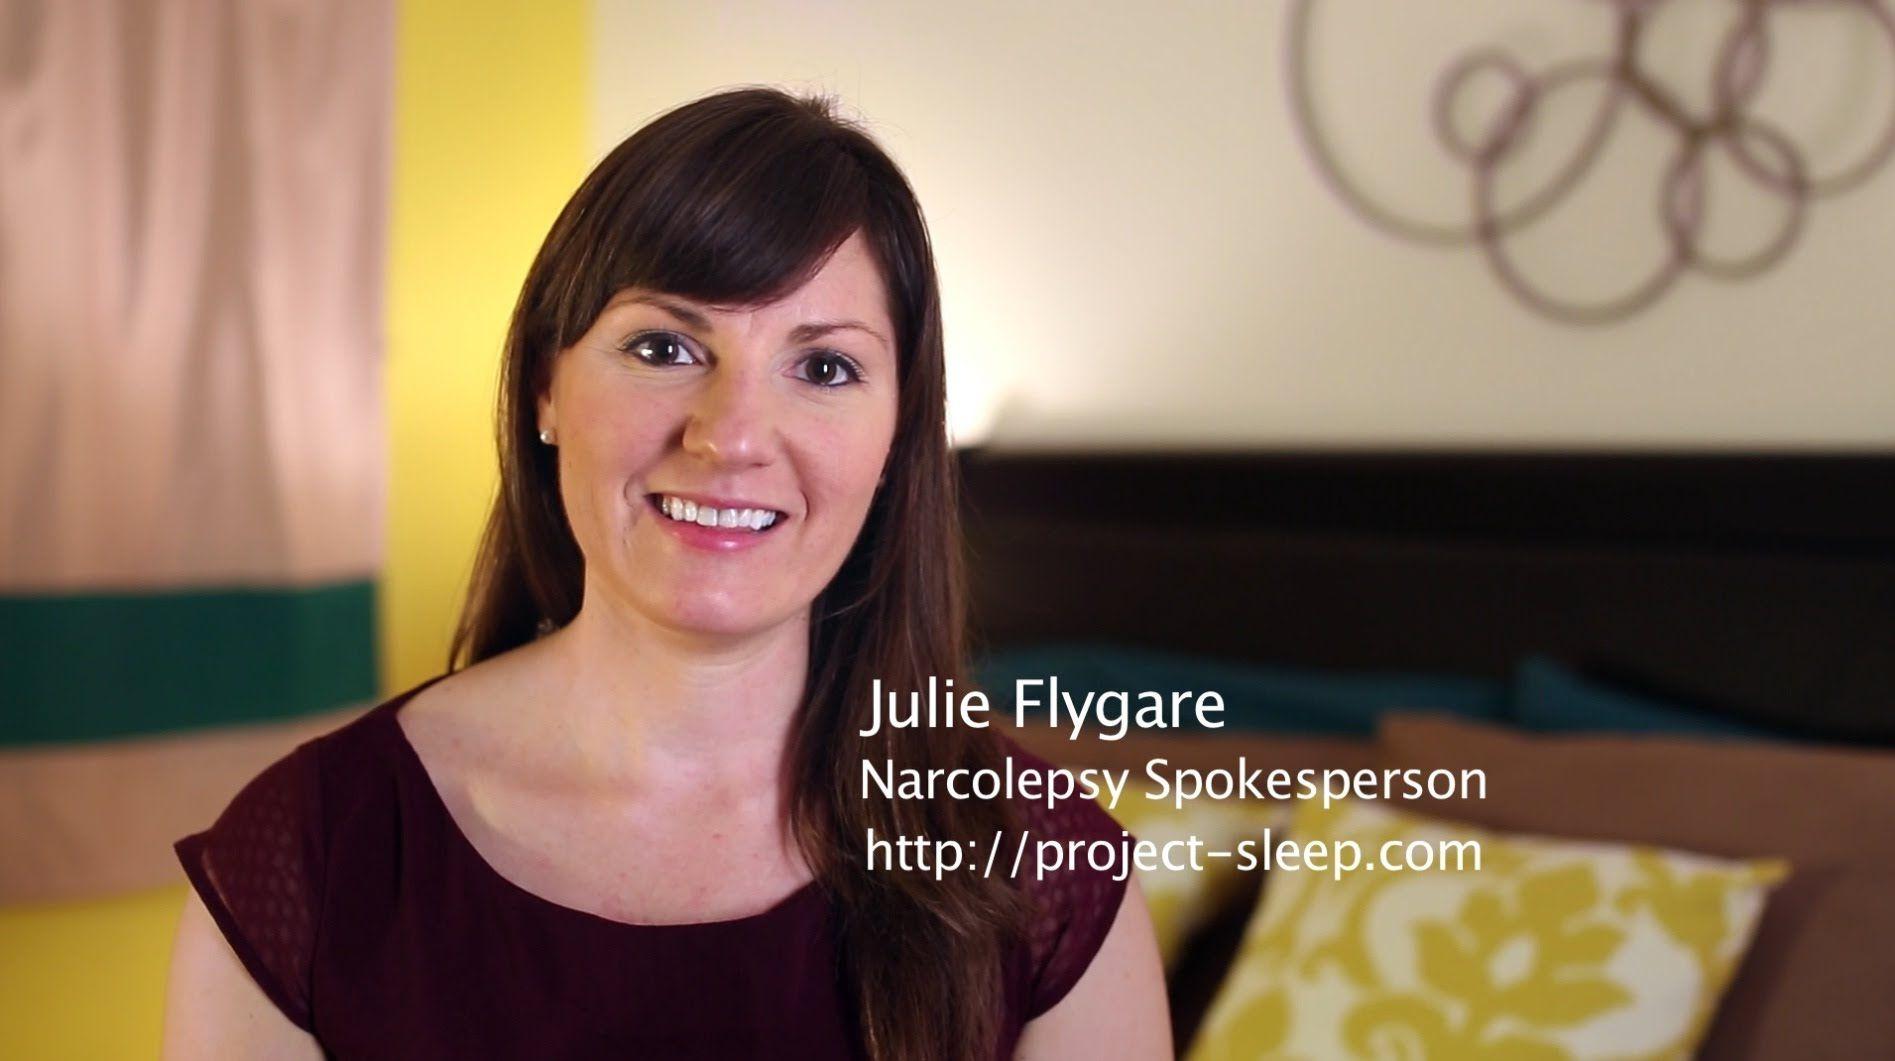 Narcolepsy Public Service Announcement (PSA) Narcolepsy